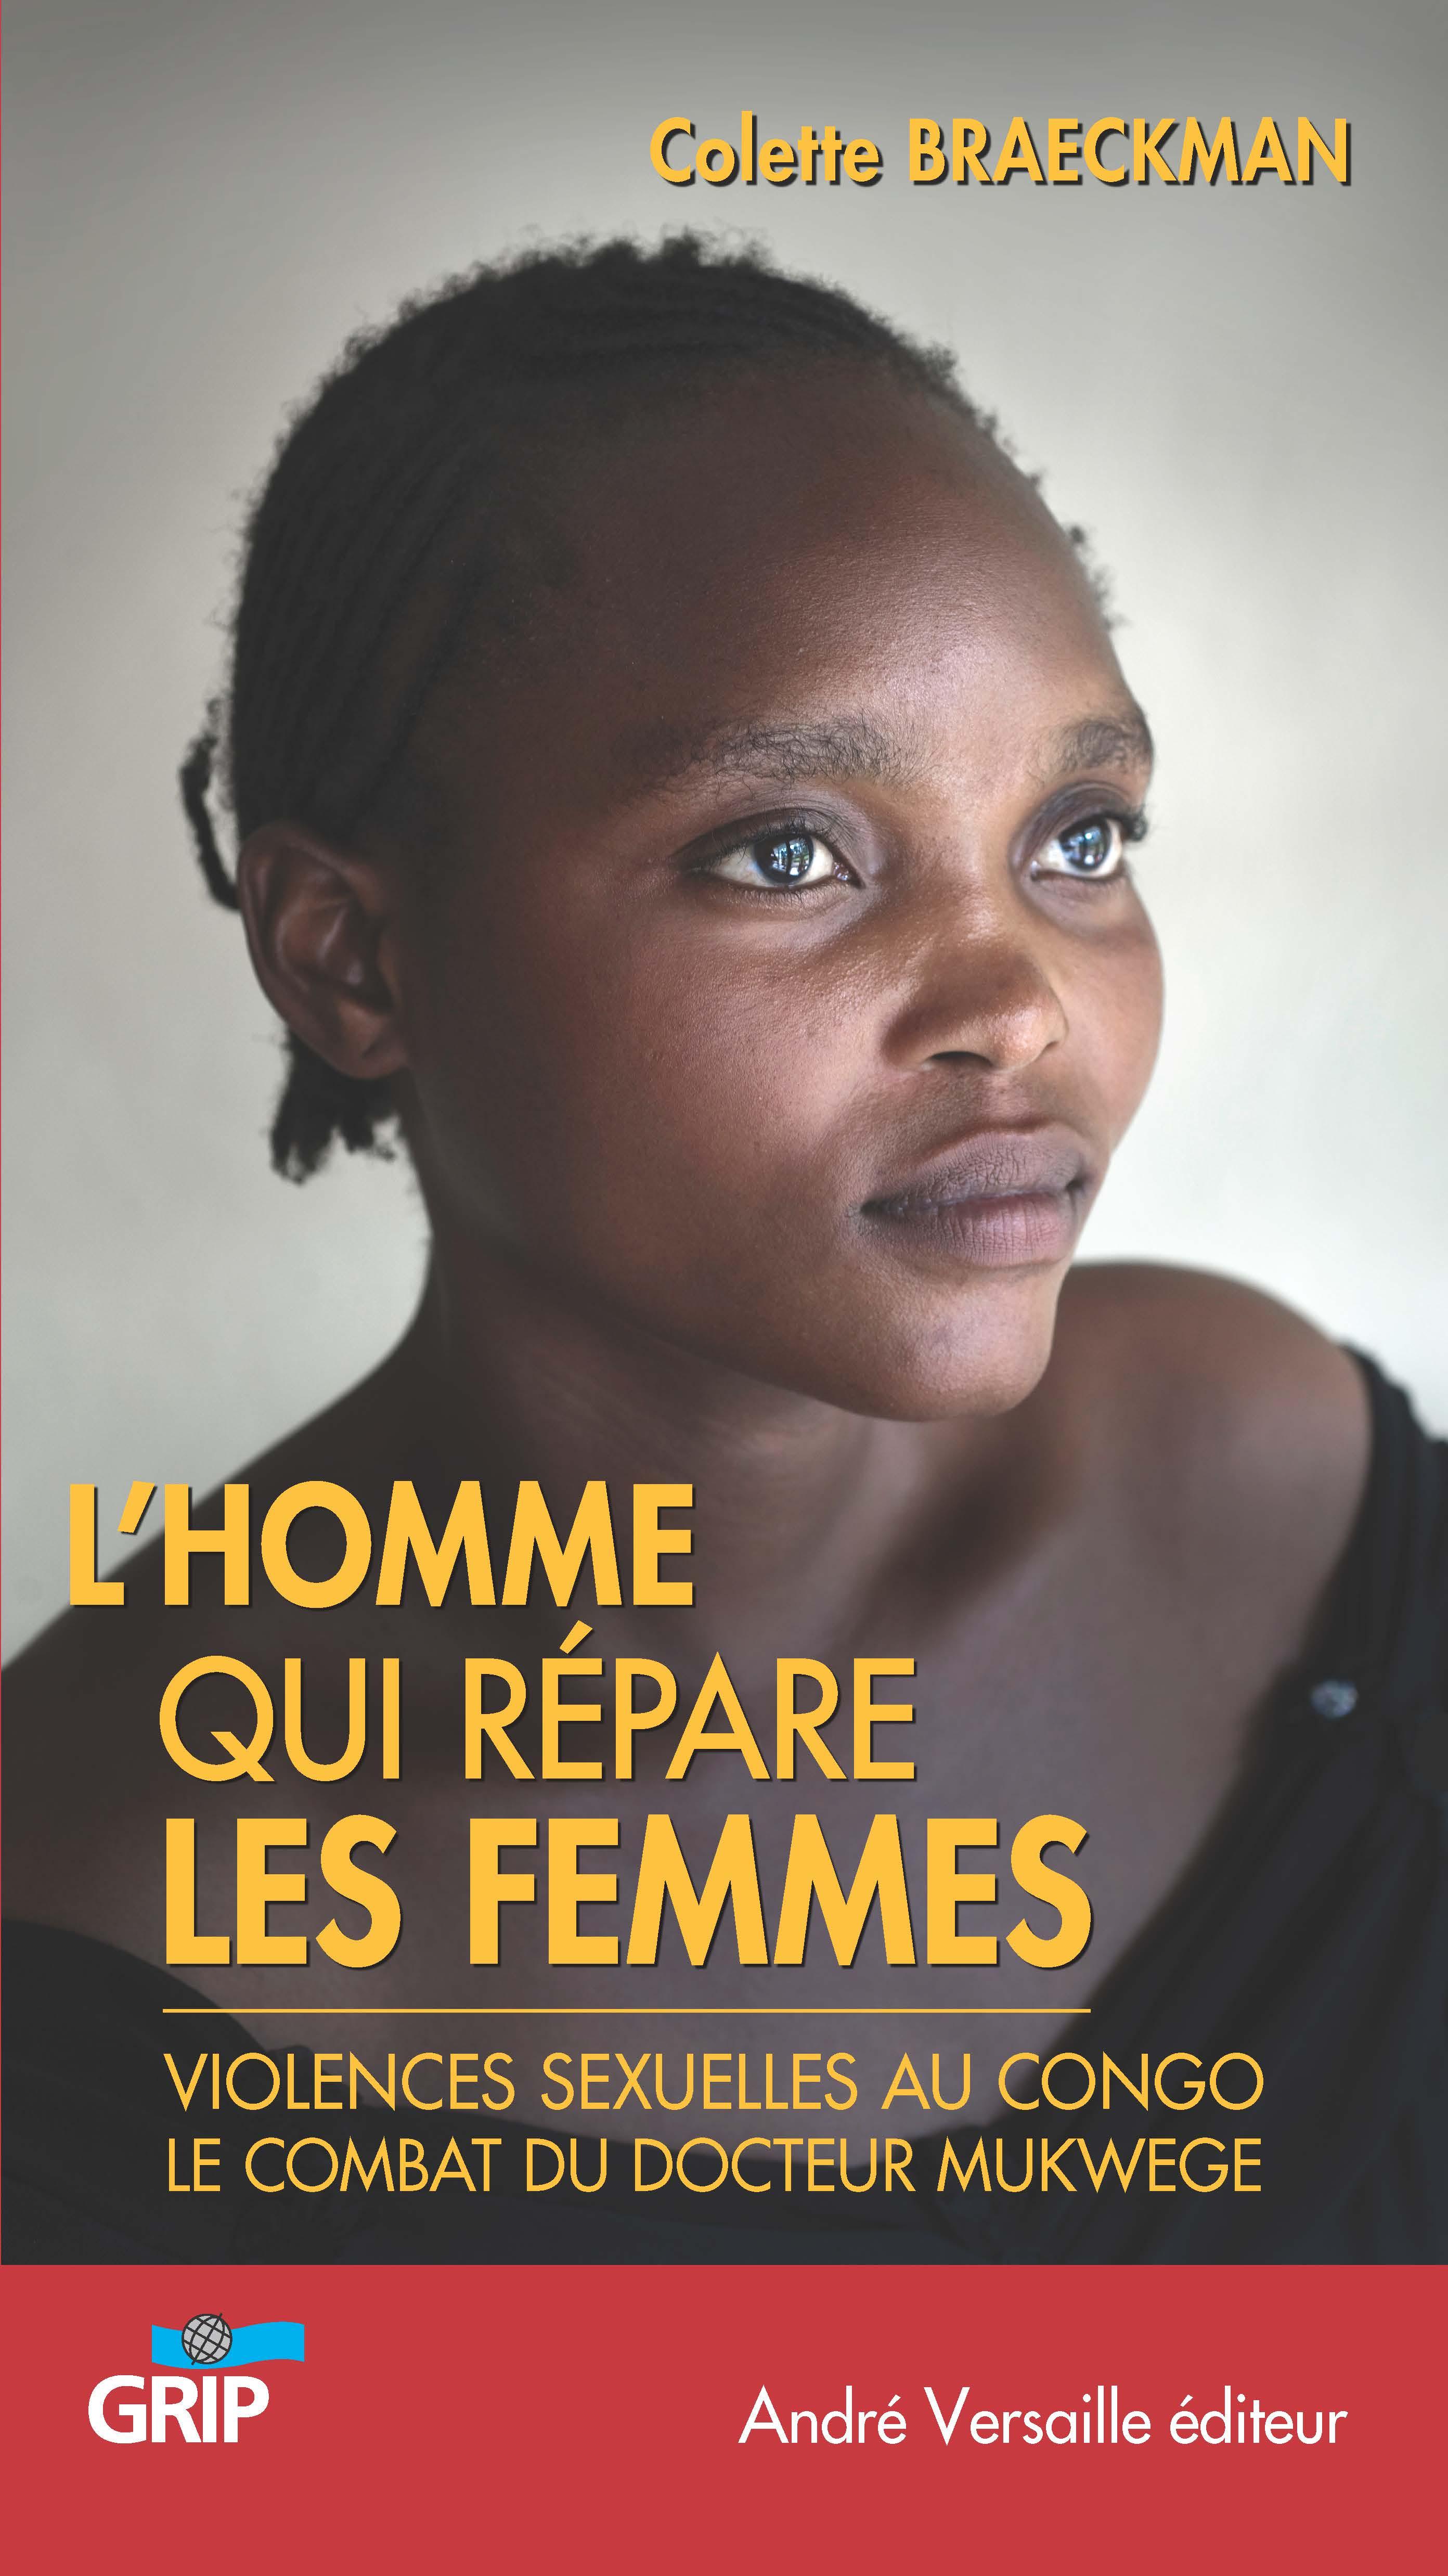 L'homme qui répare les femmes : l'histoire inhumaine des femmes à l'est du Congo